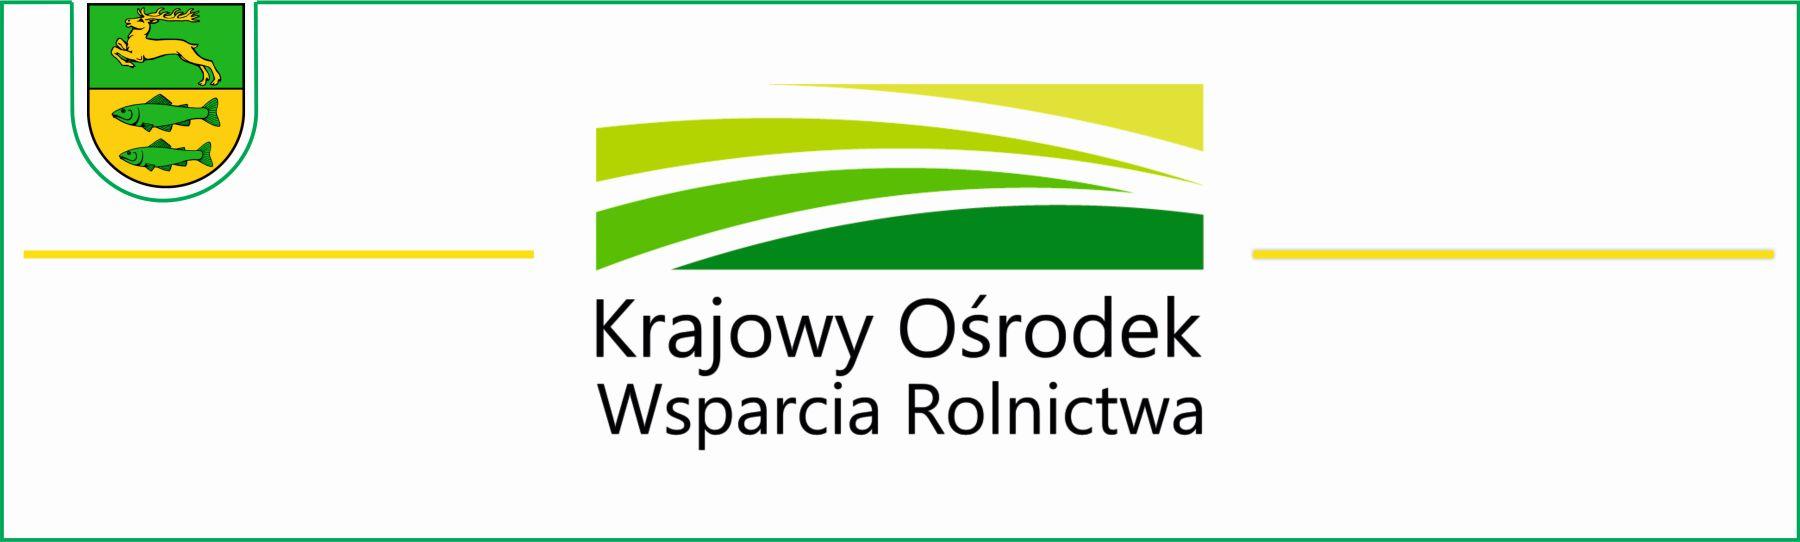 Zdjęcie przedstawia logo Krajowego Ośrodka Wsparcia Rolnictwa w kolorach biało - żółto - zielonym.